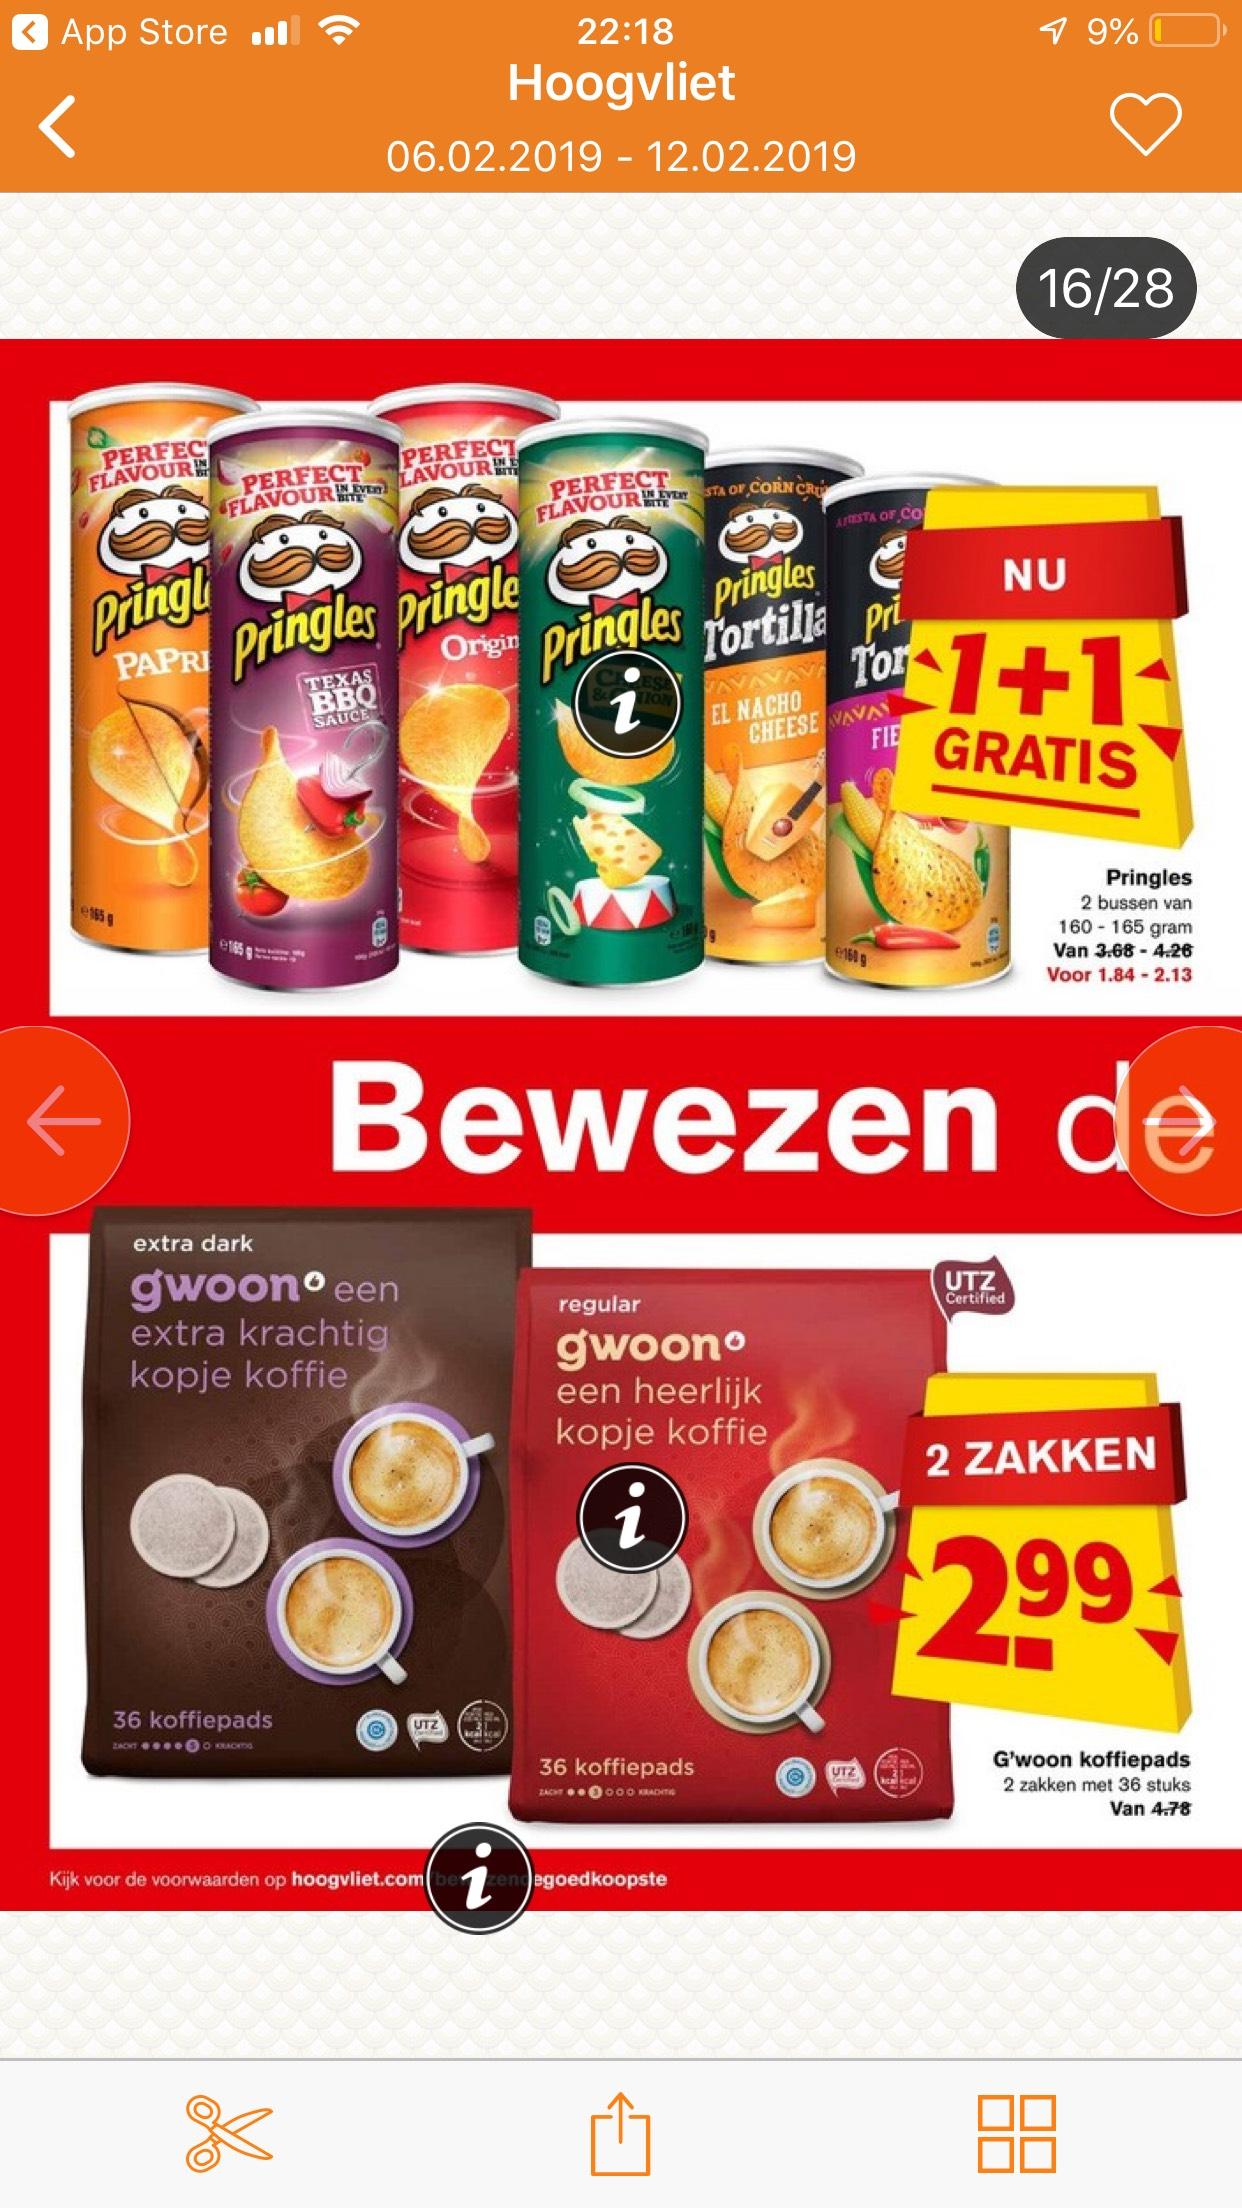 Pringles 1+1 gratis bij Hoogvliet